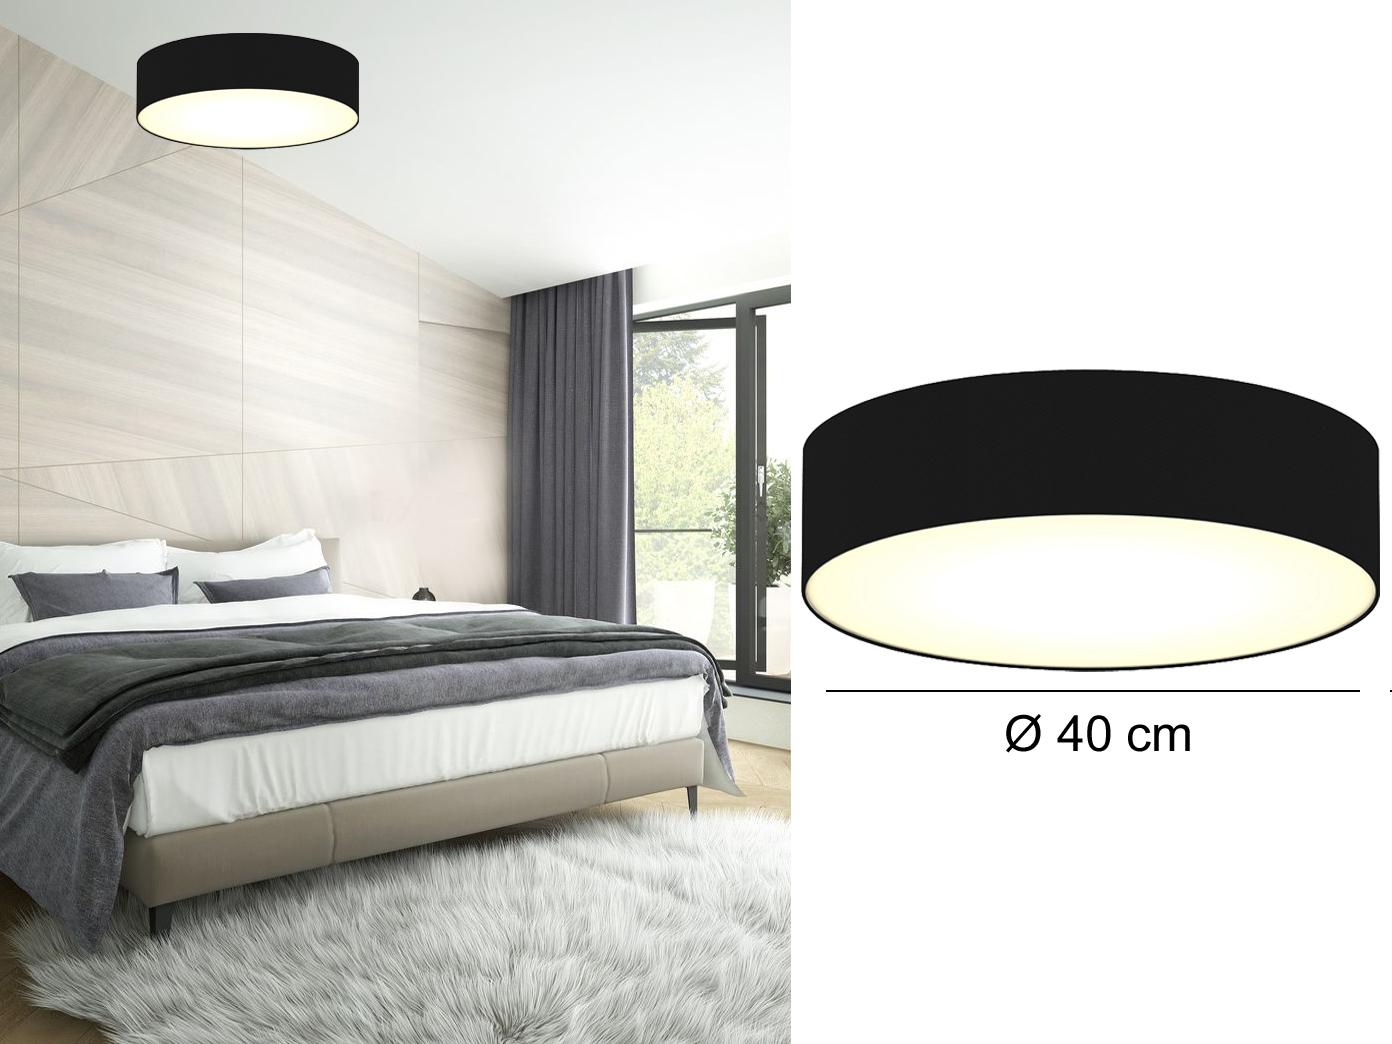 Full Size of Deckenleuchten Schlafzimmer Ikea Deckenleuchte Holz Pinterest Design Dimmbar Led 55f21fae578a5 Betten Stuhl Schimmel Im Komplett Guenstig Kommode Günstige Schlafzimmer Deckenleuchte Schlafzimmer